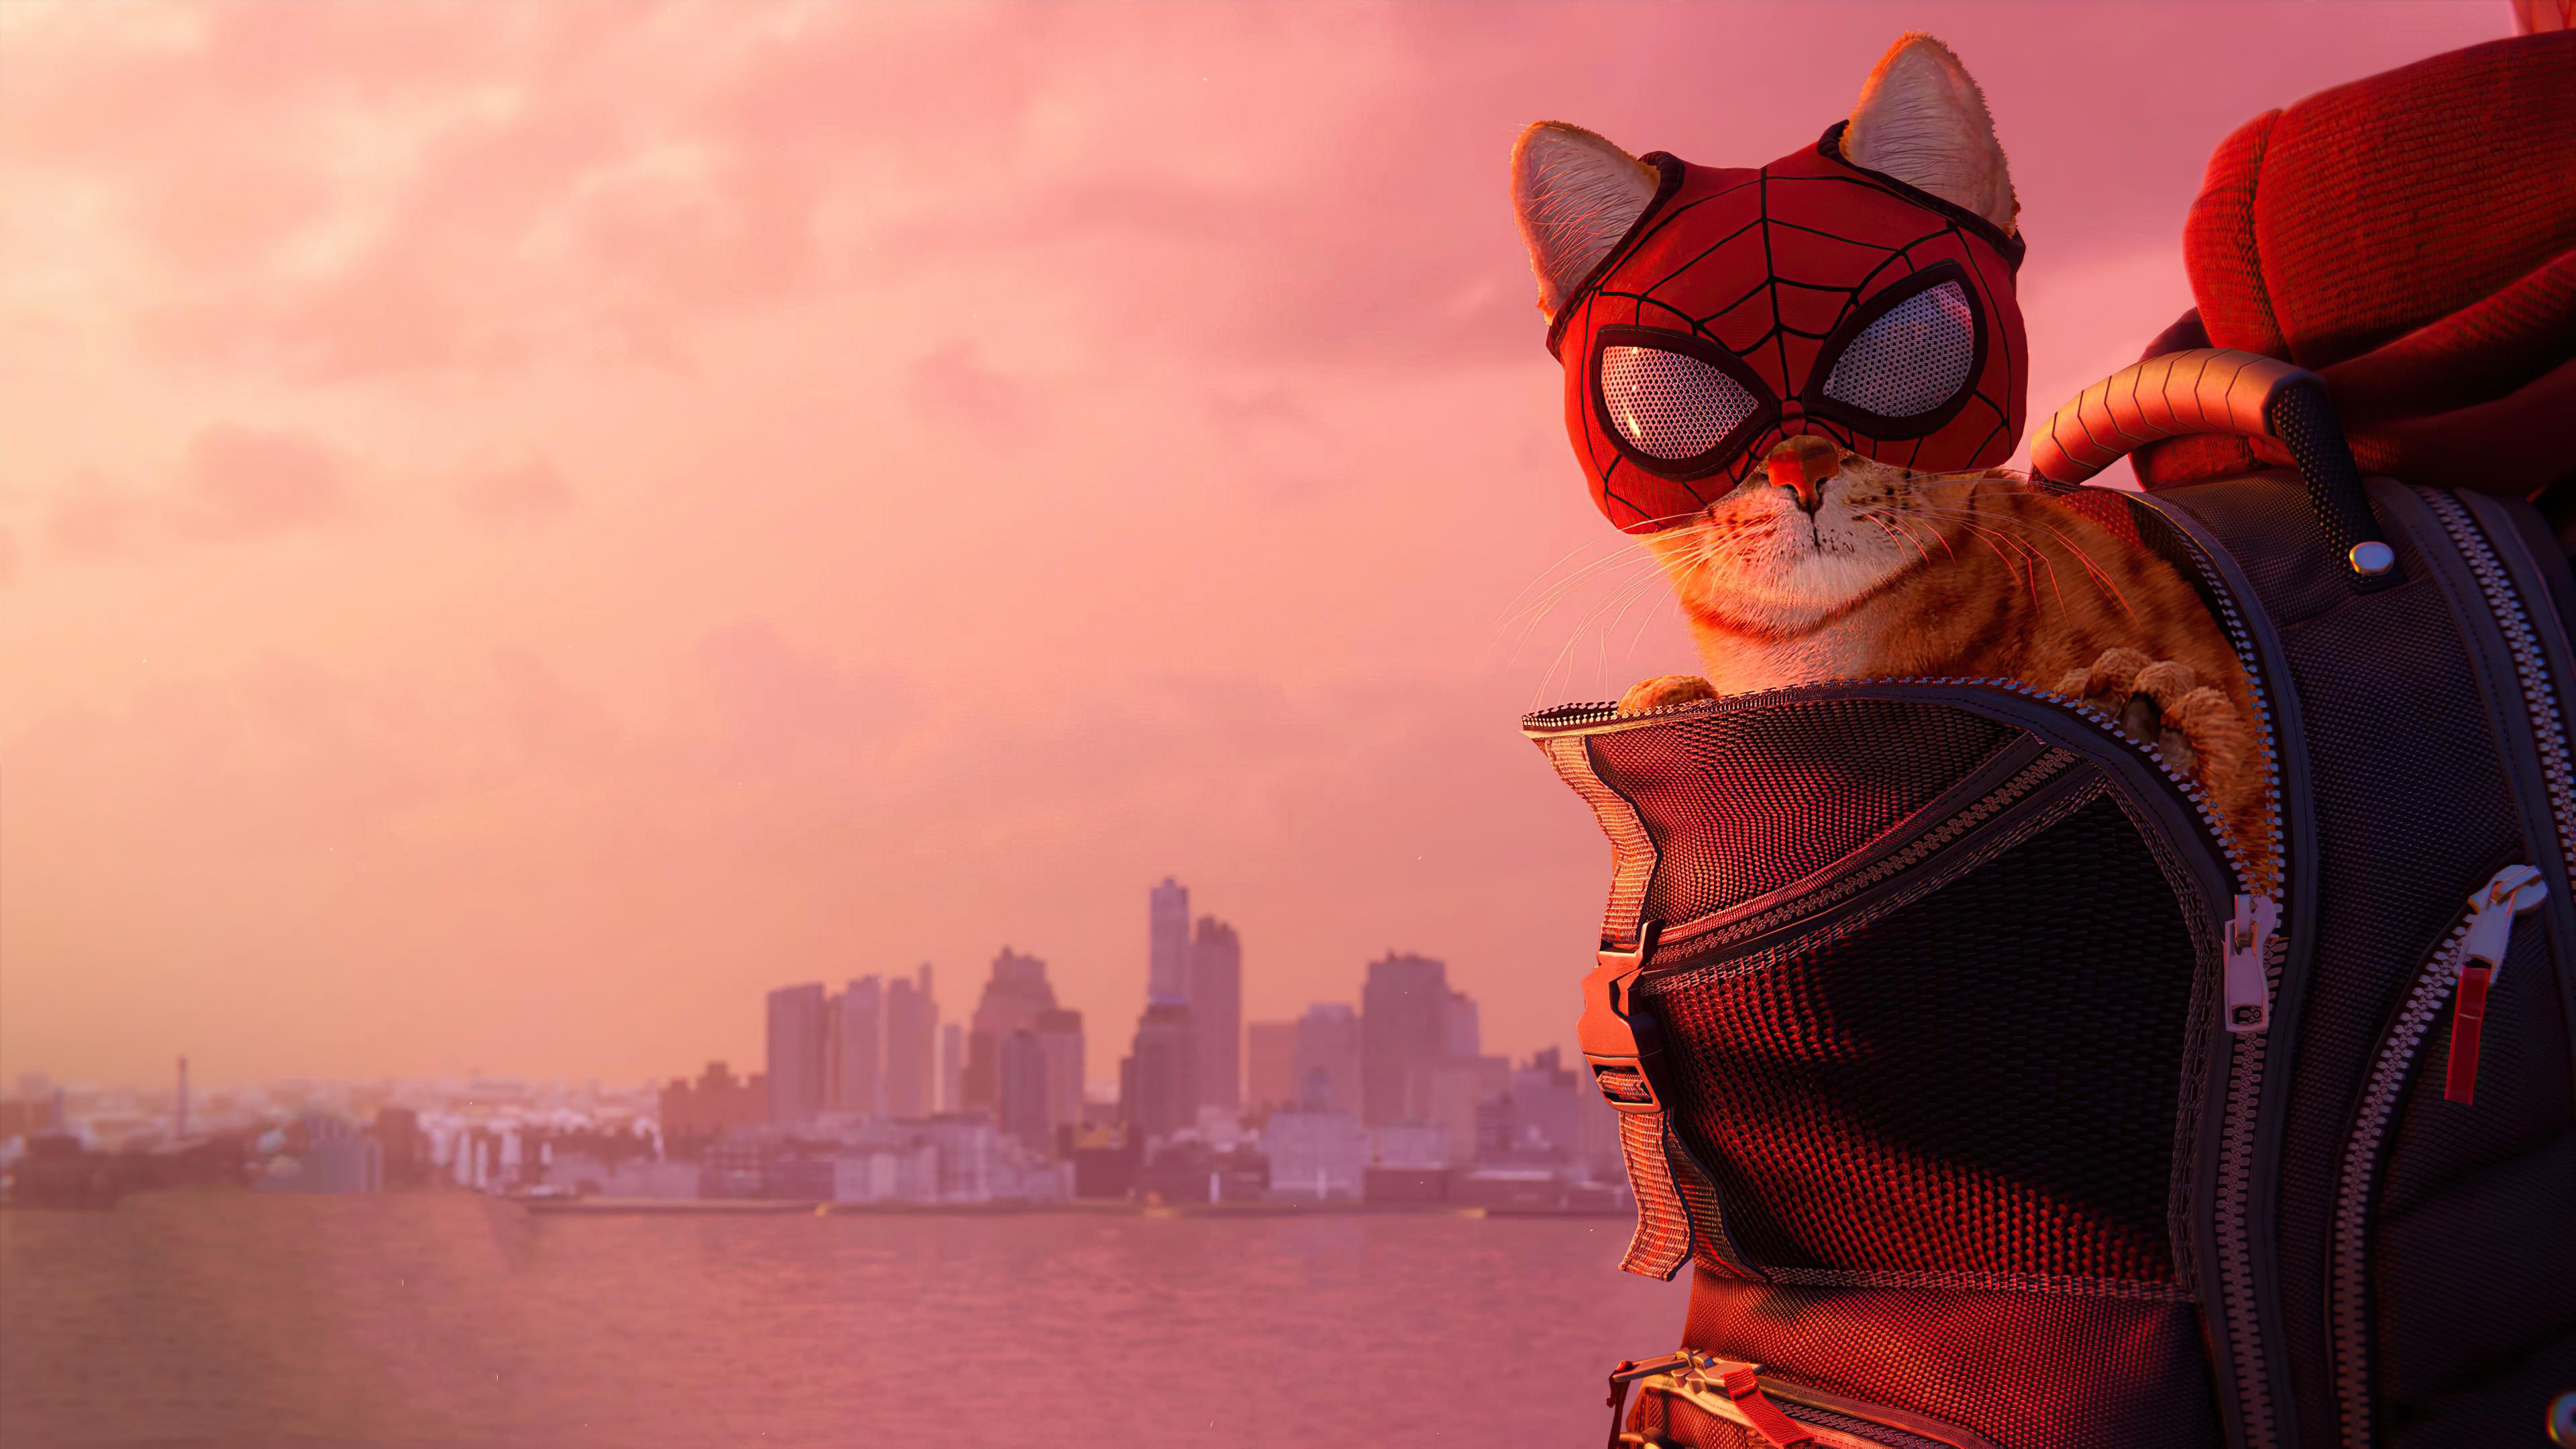 marvels-spiderman-miles-morales-2021-cat-y8.jpg